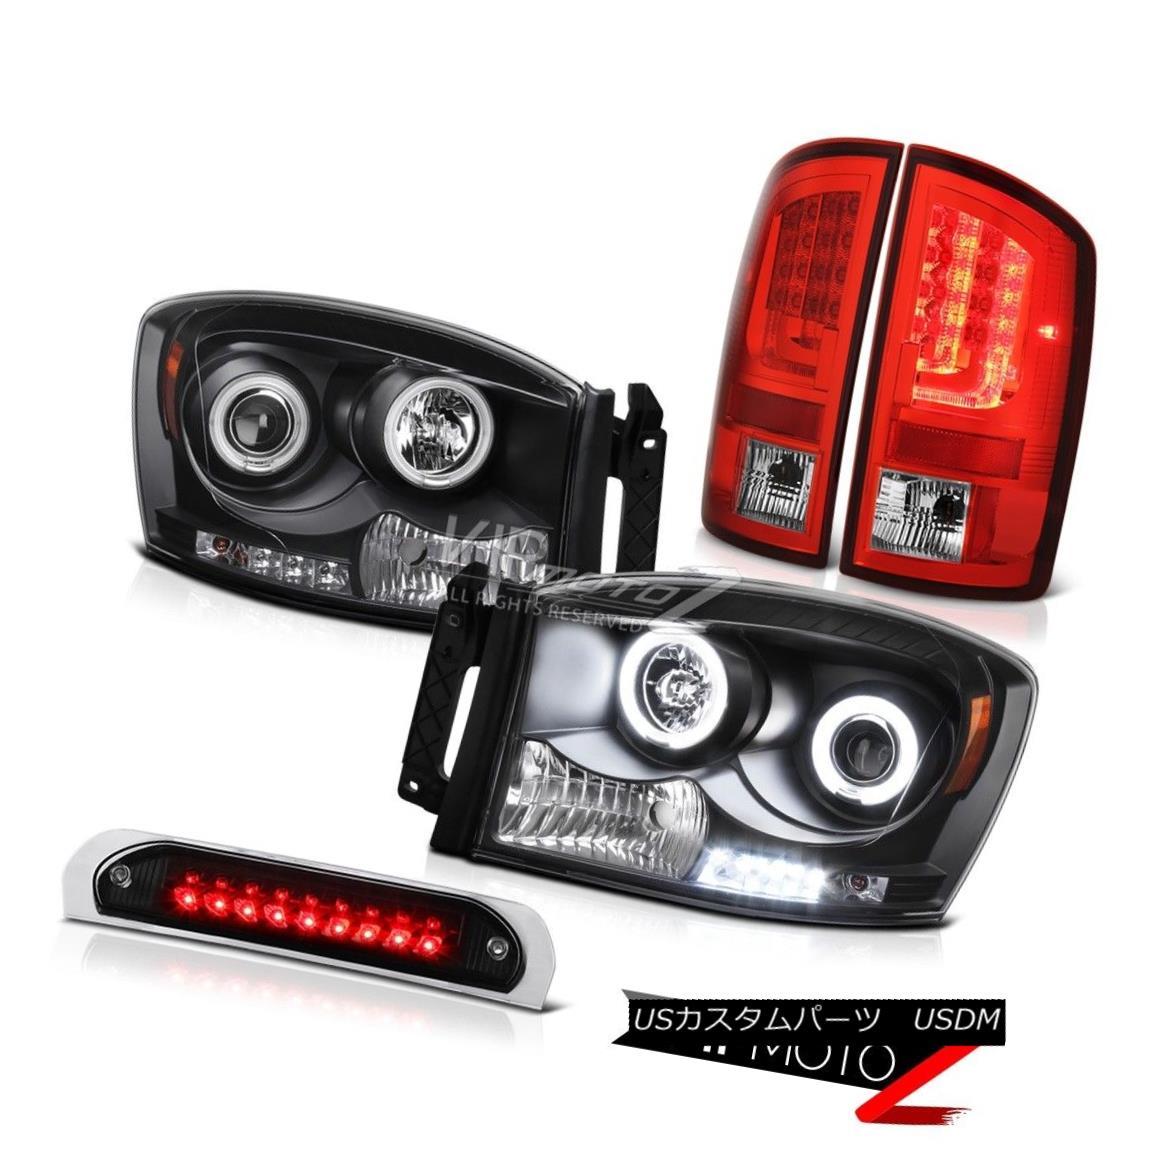 テールライト 2006 Ram SLT Red Taillamps Roof Cab Lamp Headlamps Tron STyle LED